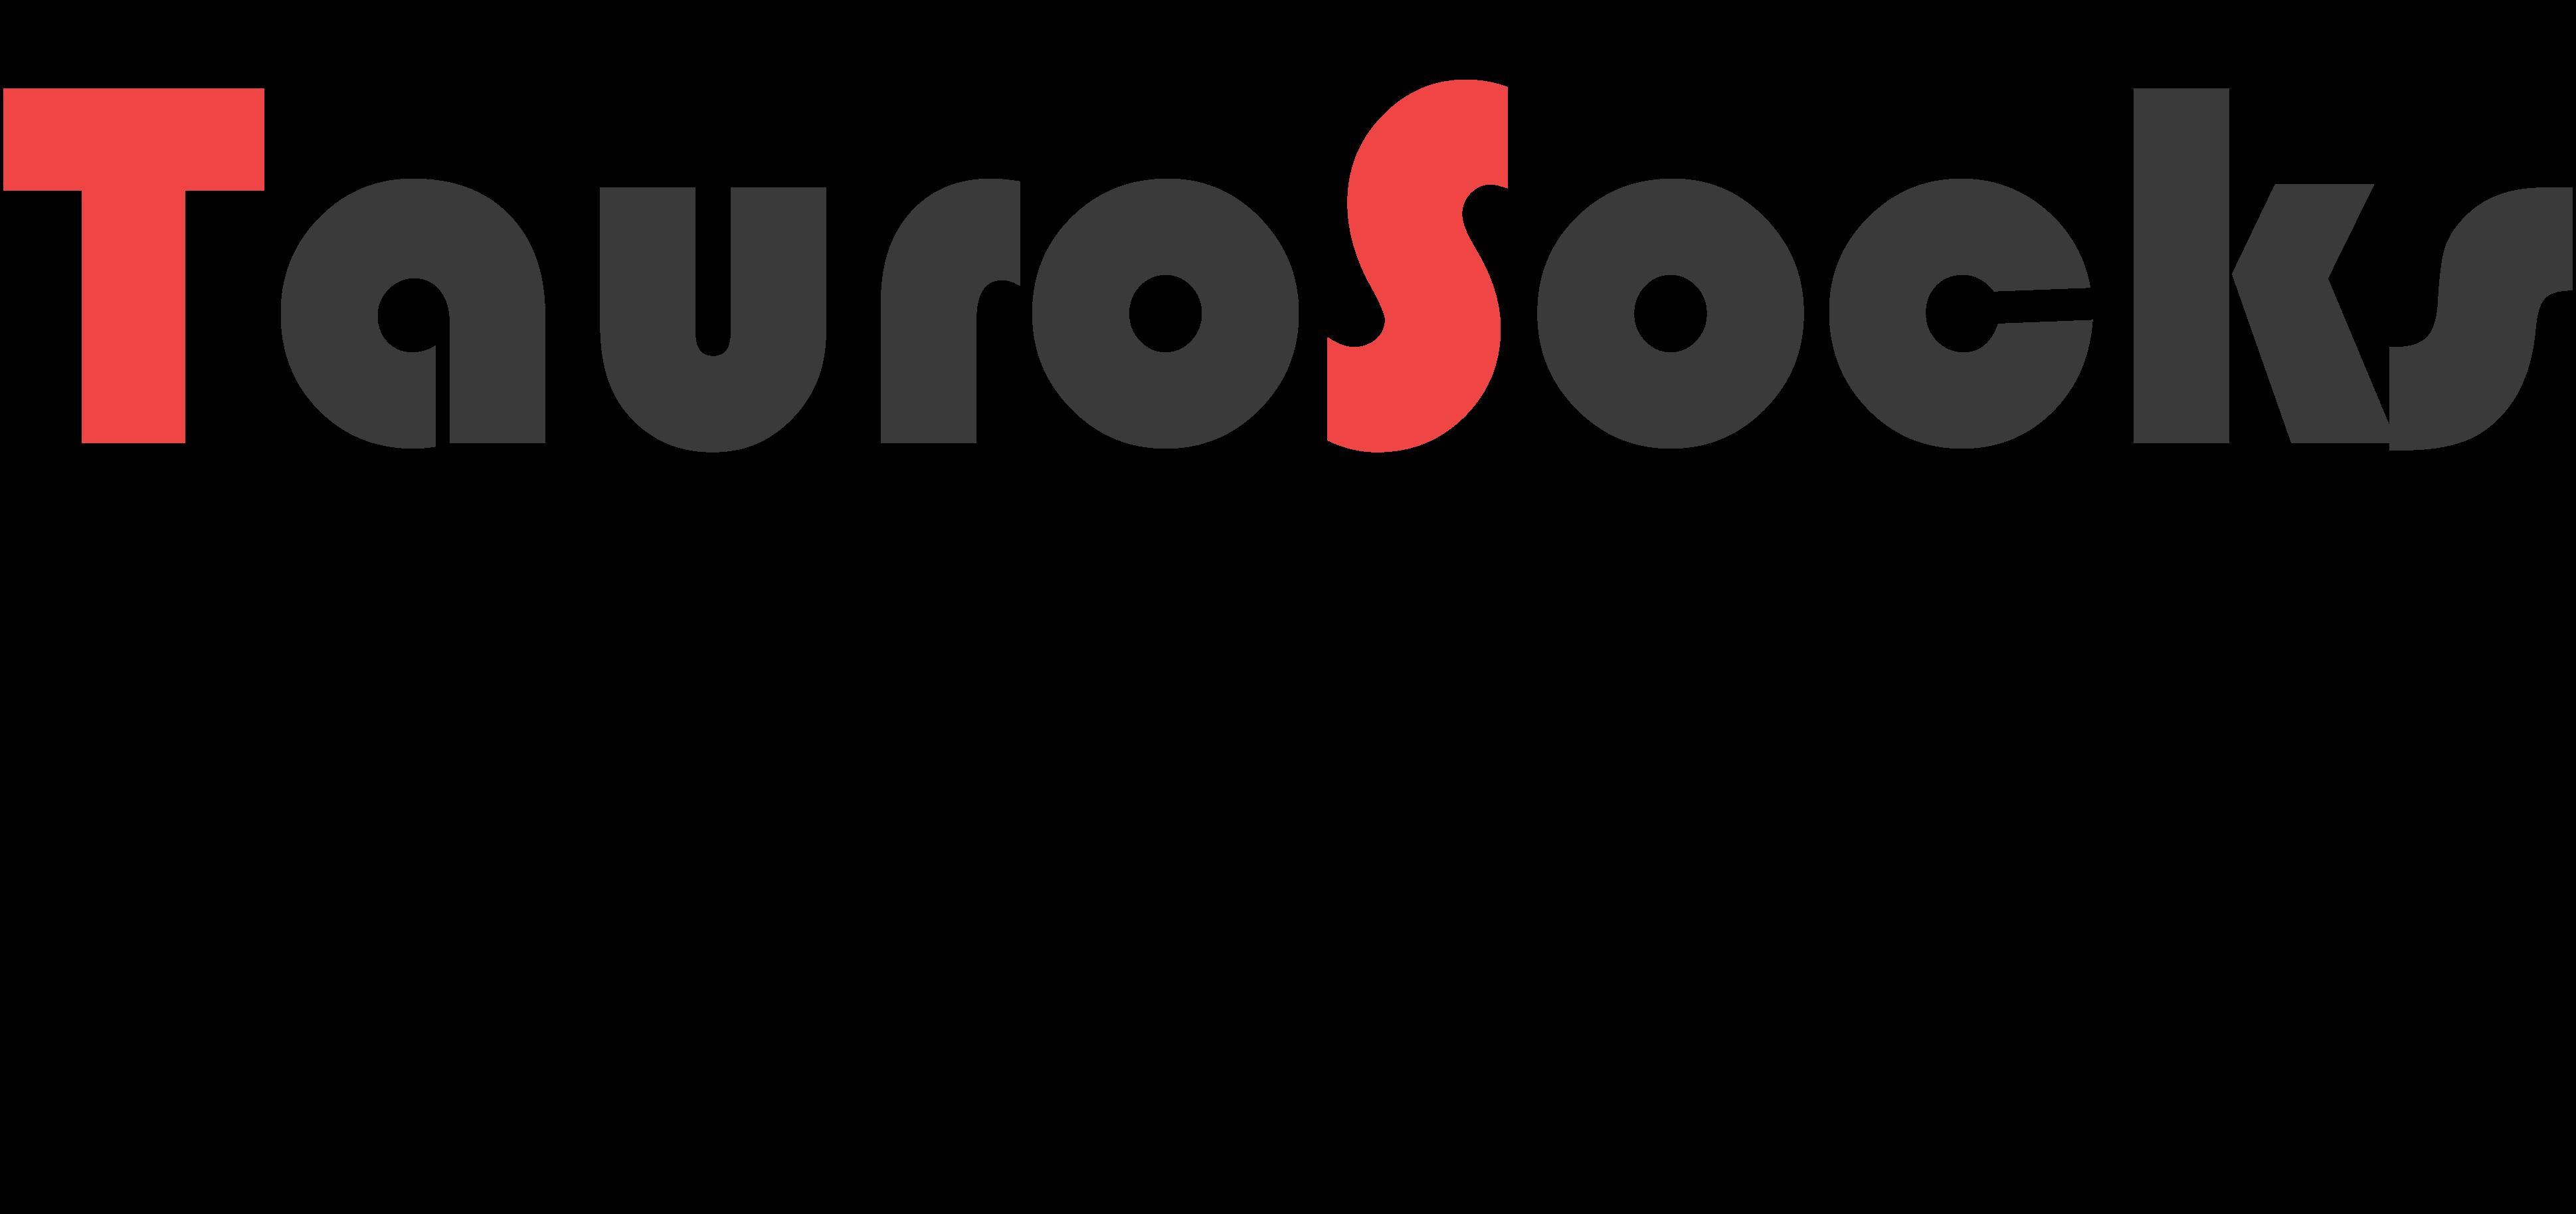 taurosocks